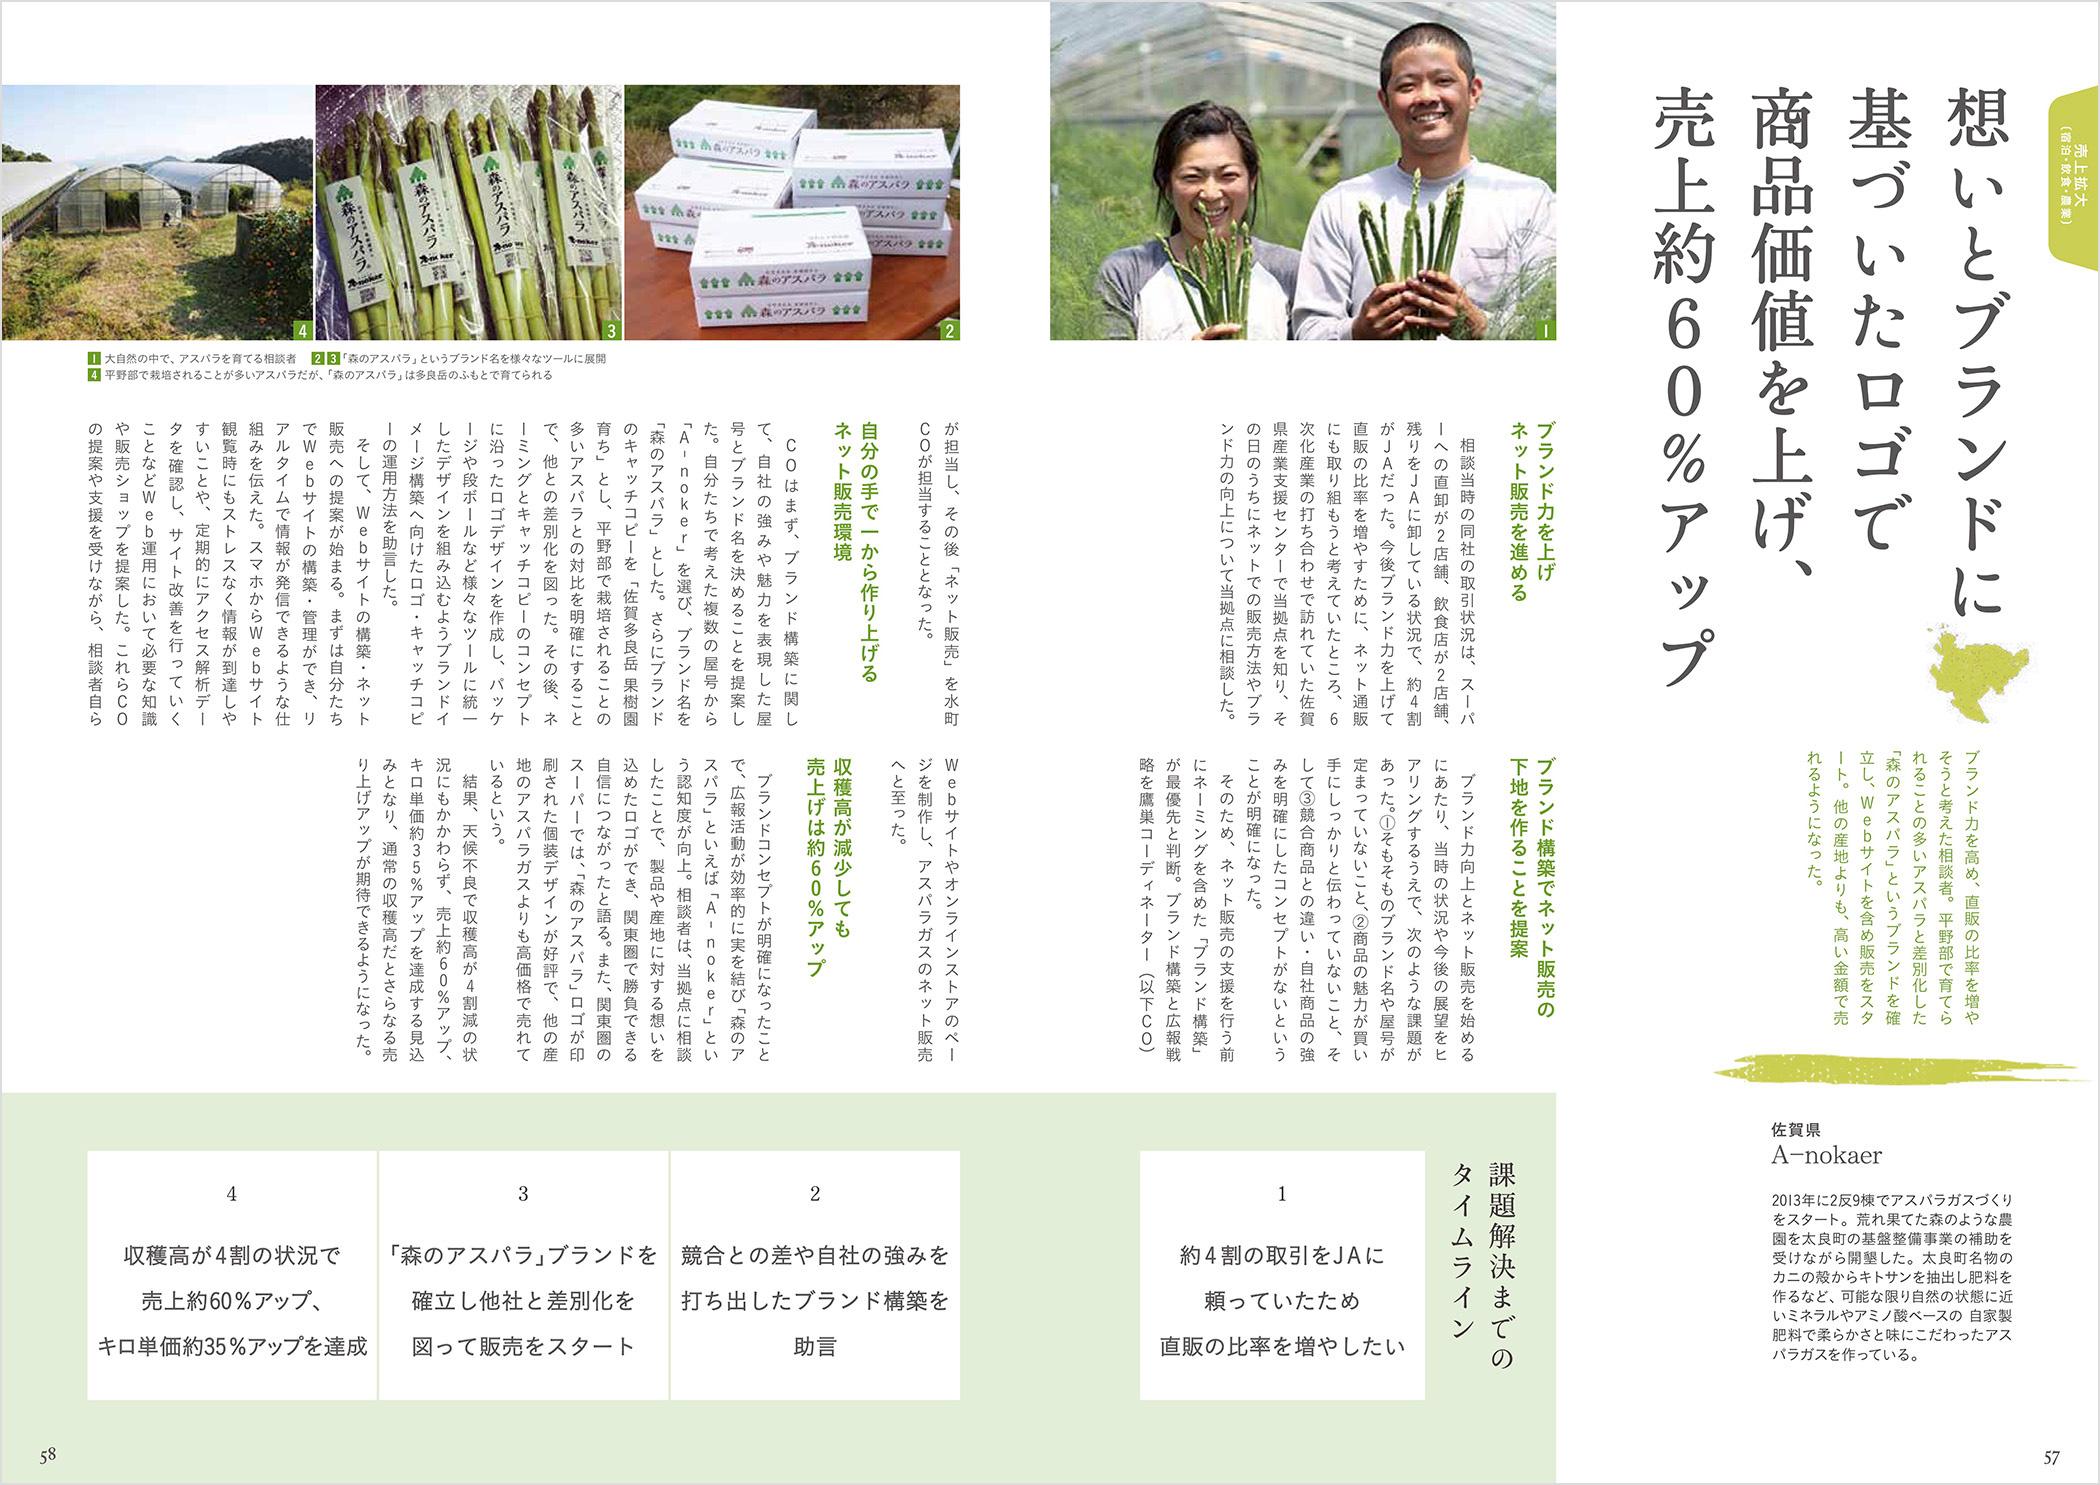 平成26年度 佐賀県よろず支援拠点 取組事例 森のアスパラ